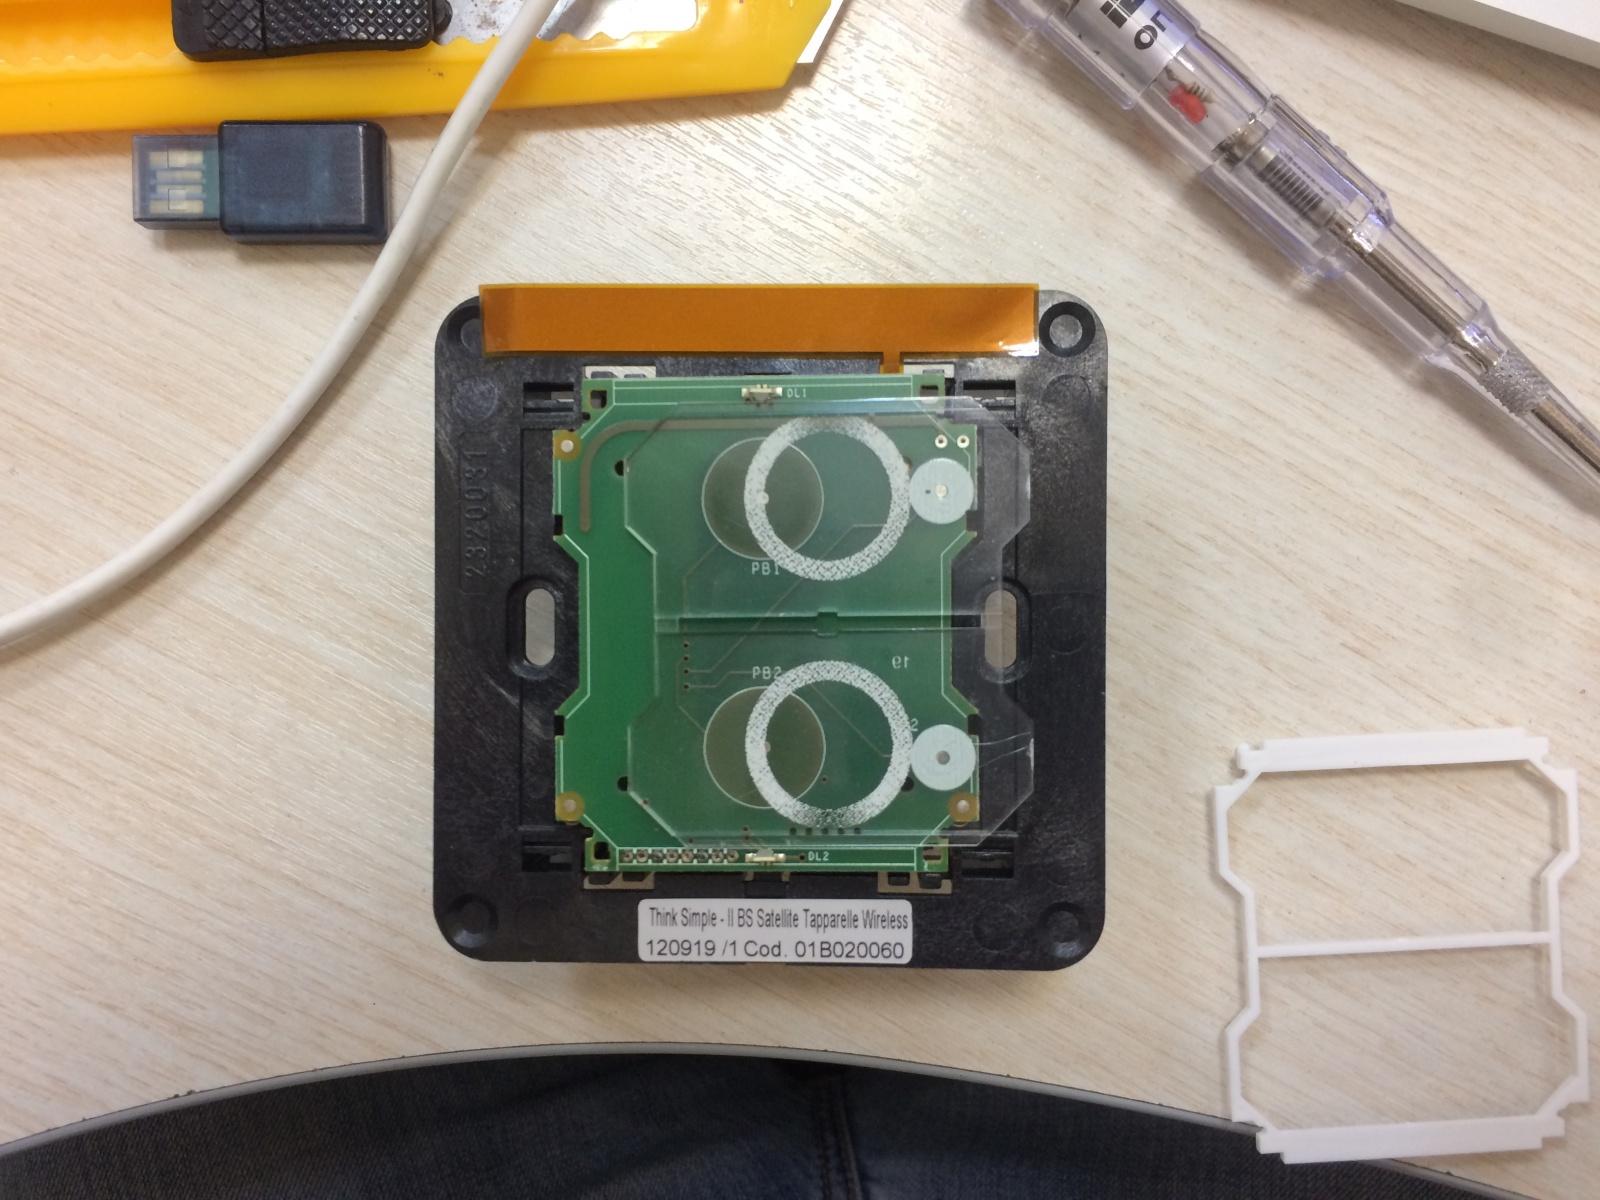 Разработка сенсорного Z-Wave выключателя на аккумуляторе со светящимися кнопками - 10